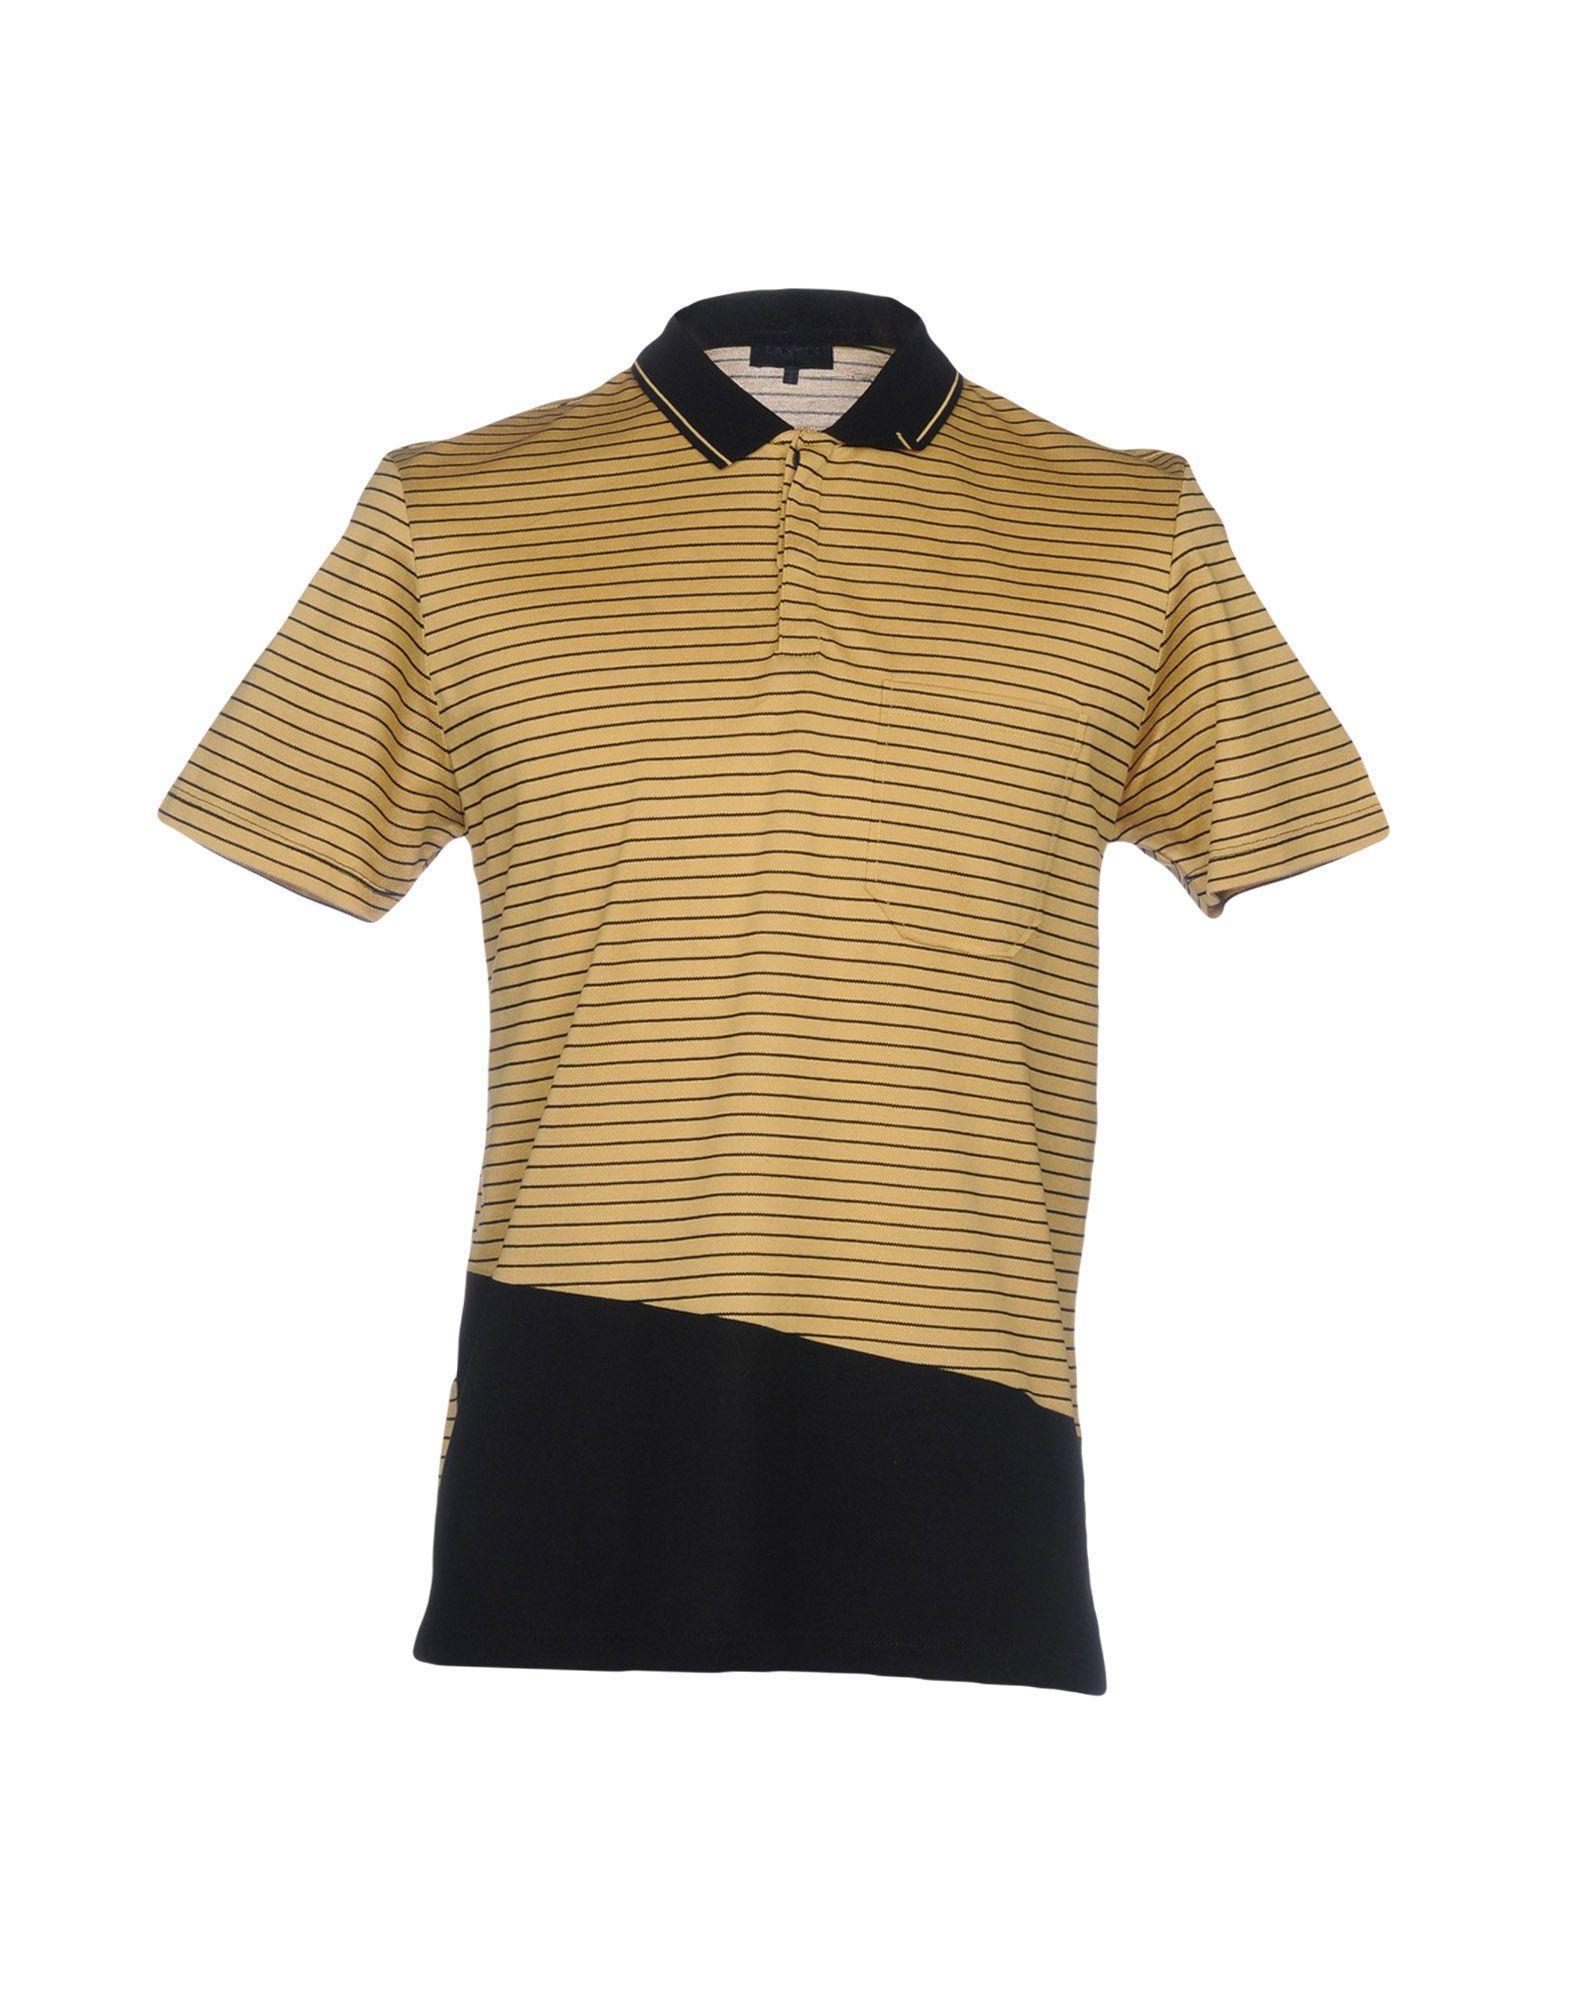 Lanvin Polo Shirt In Beige